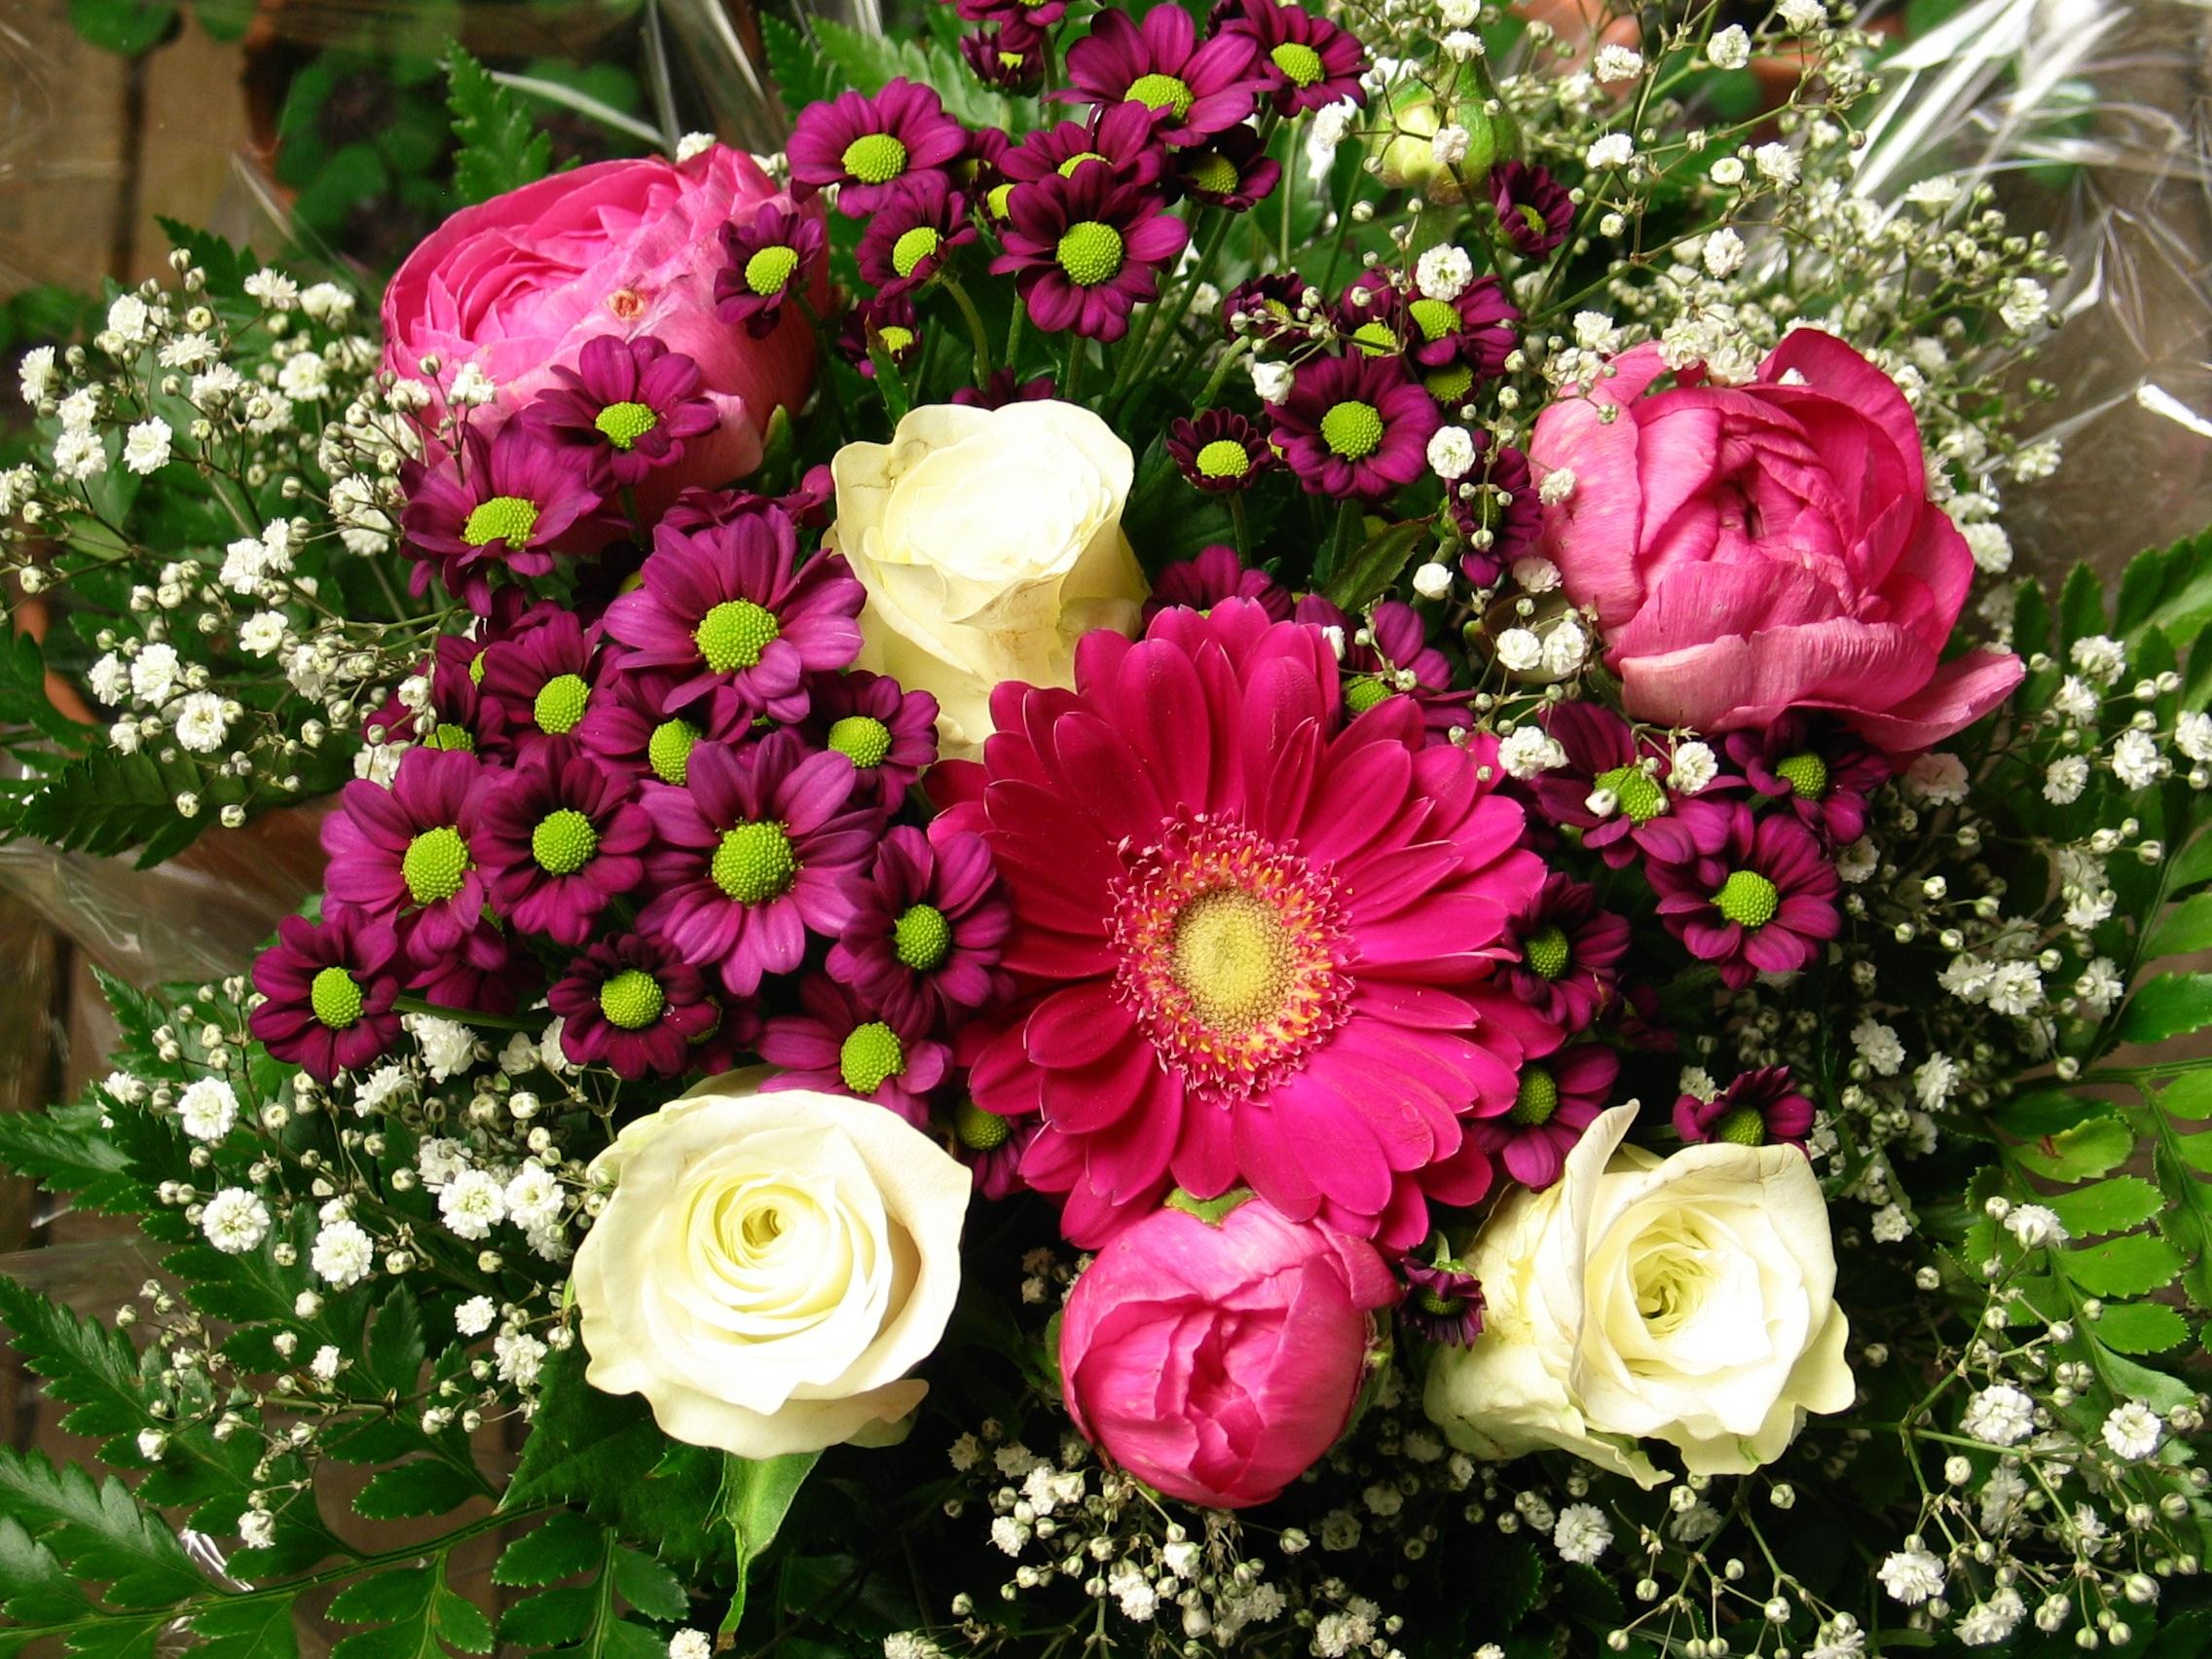 Free Images Nature Petal Celebration Love Romantic Colorful